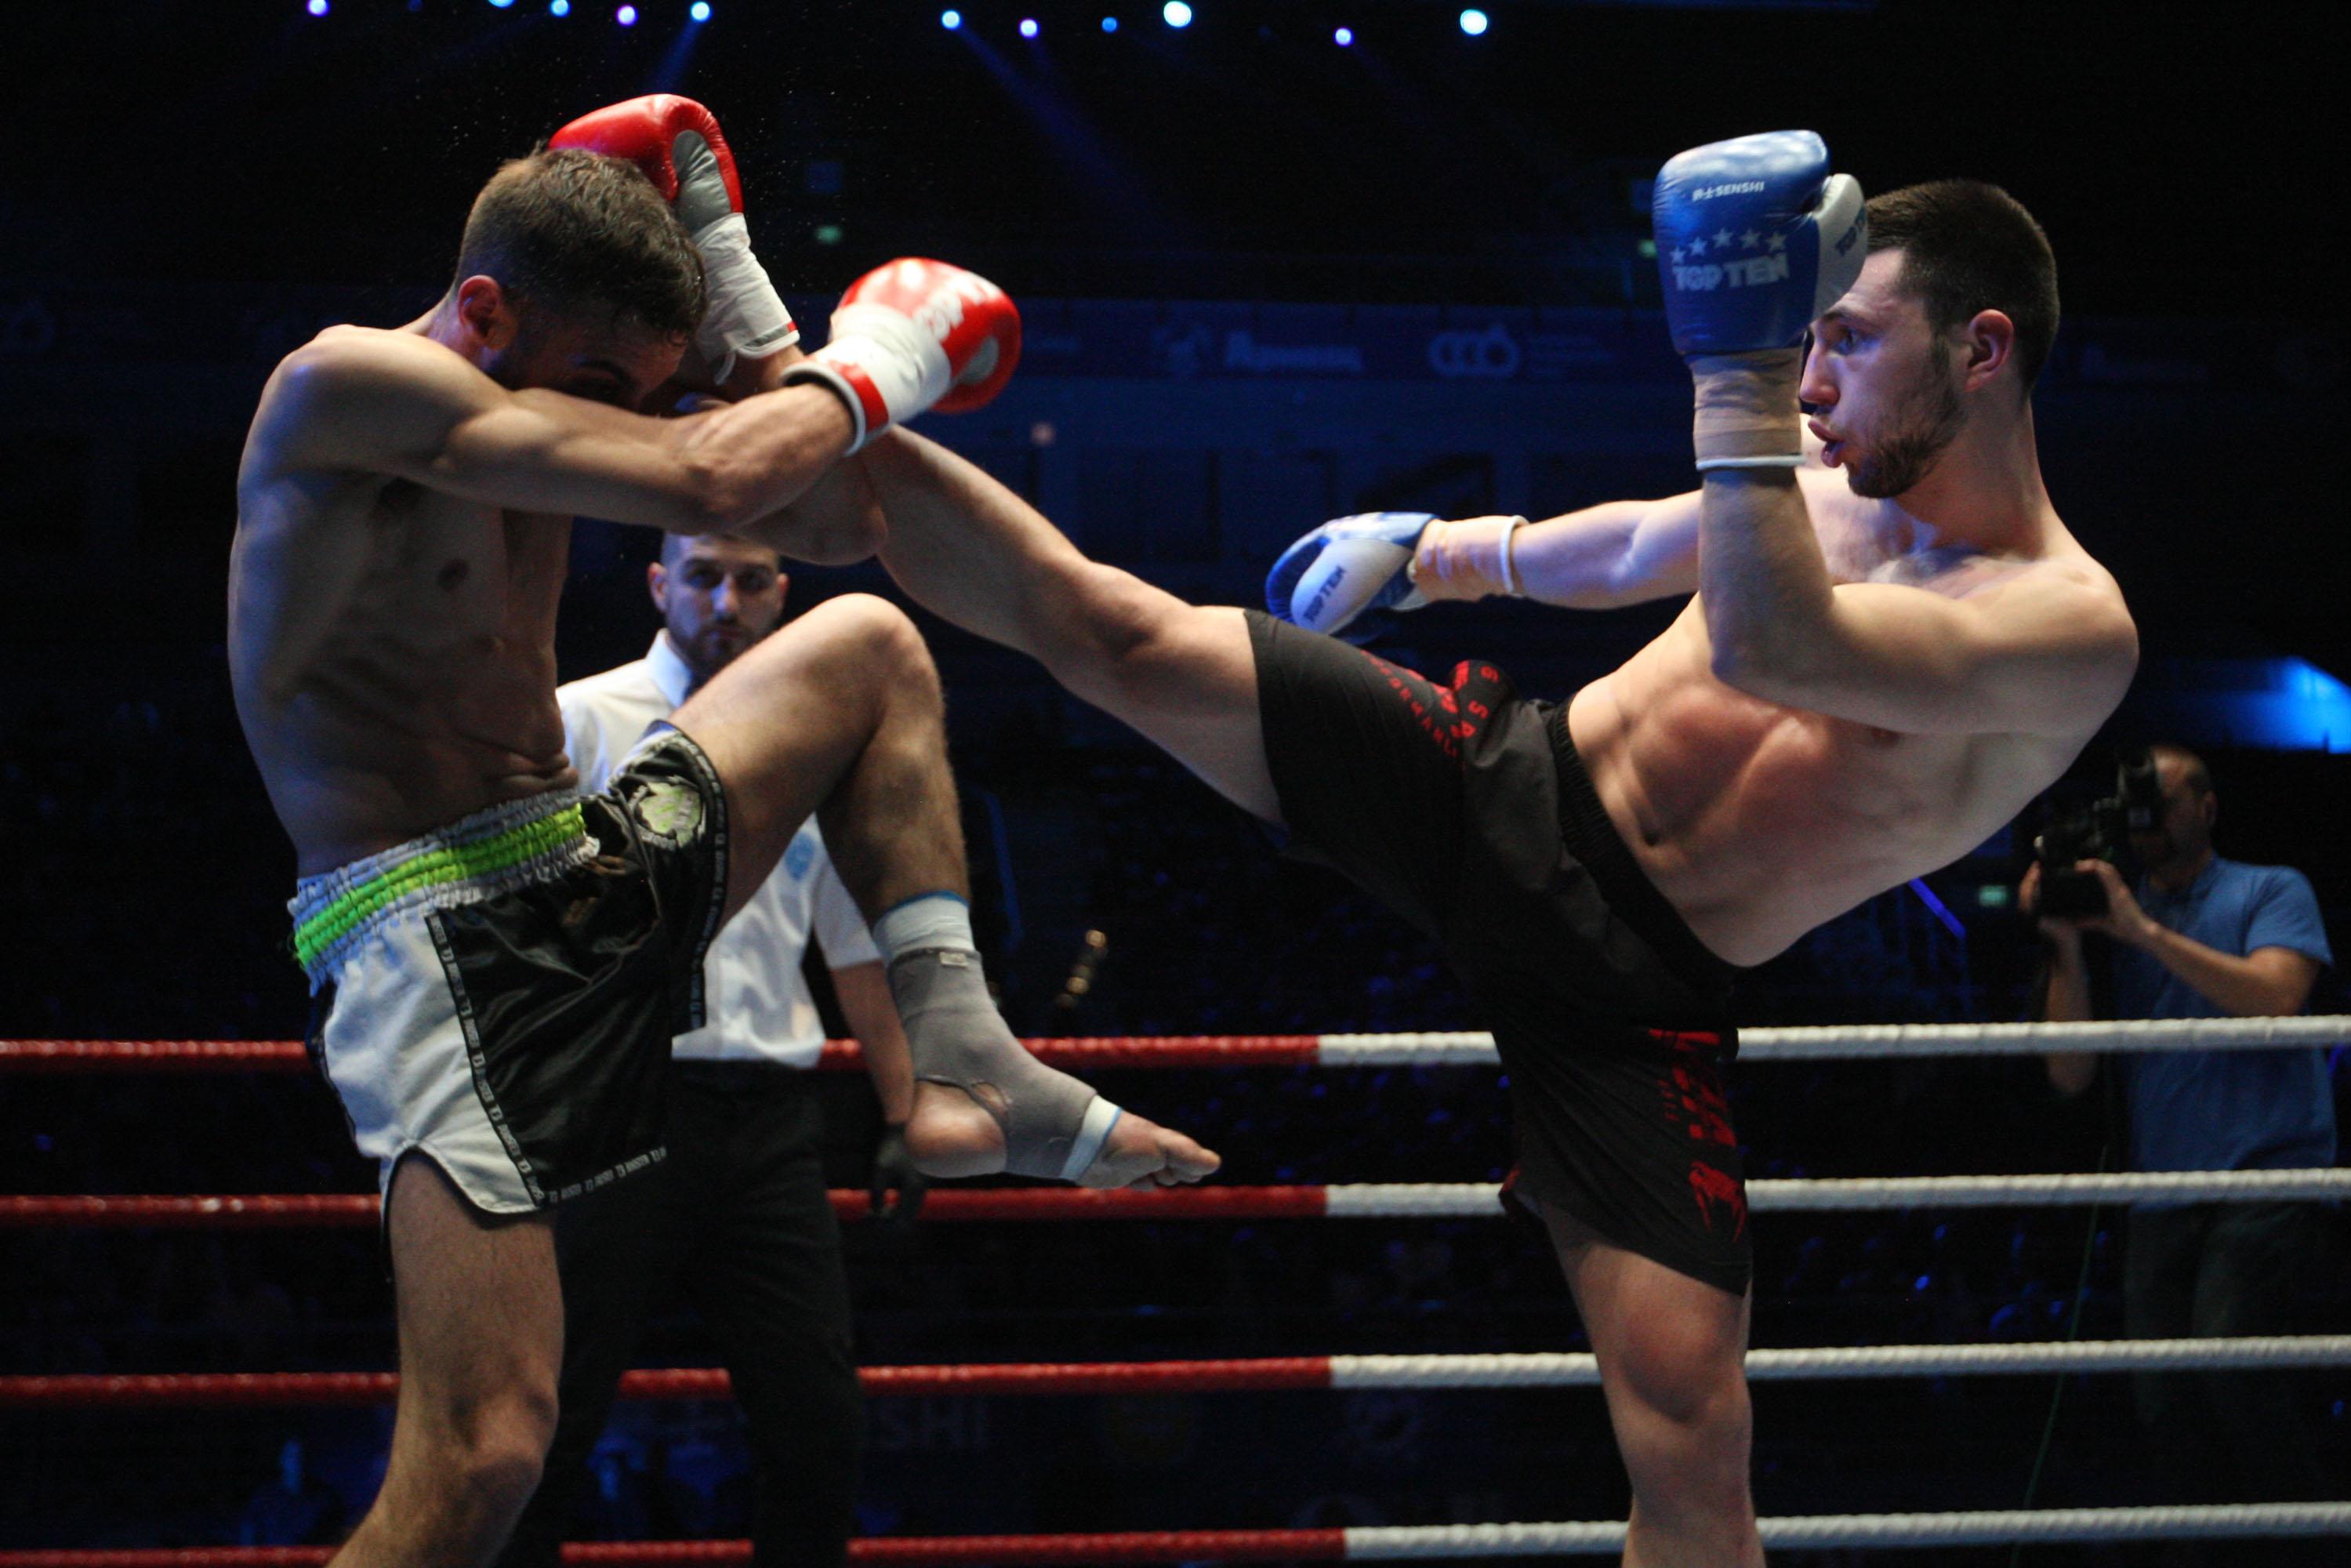 SENSHI: Богдан Шумаров (България) срещу Иляс Букаюа (Холандия) – 20.04.2019, София